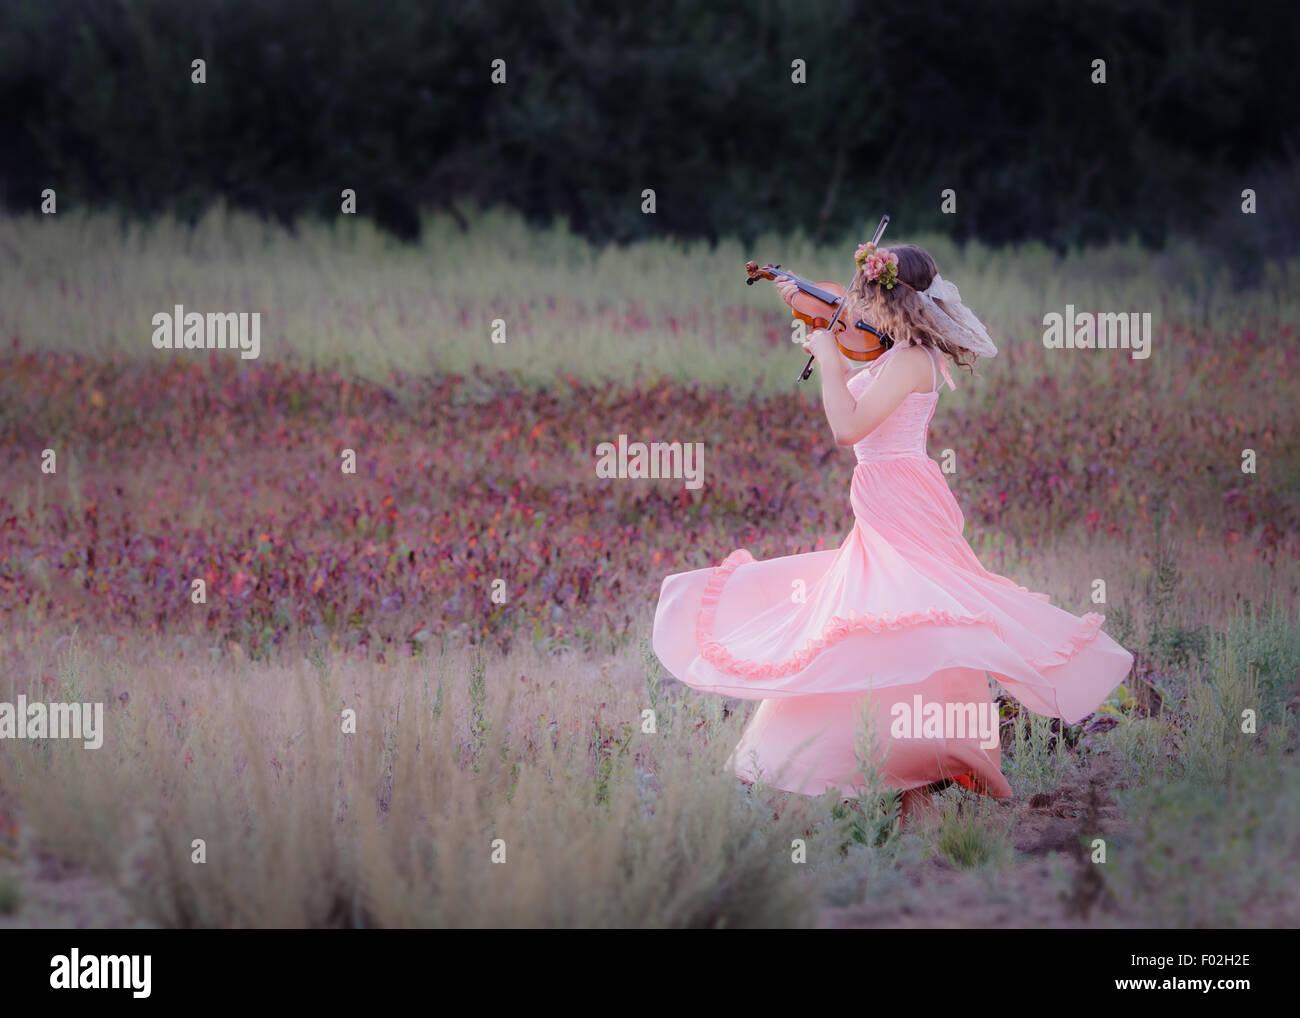 Mädchen tanzen in einem Feld, während eine Geige spielen Stockbild